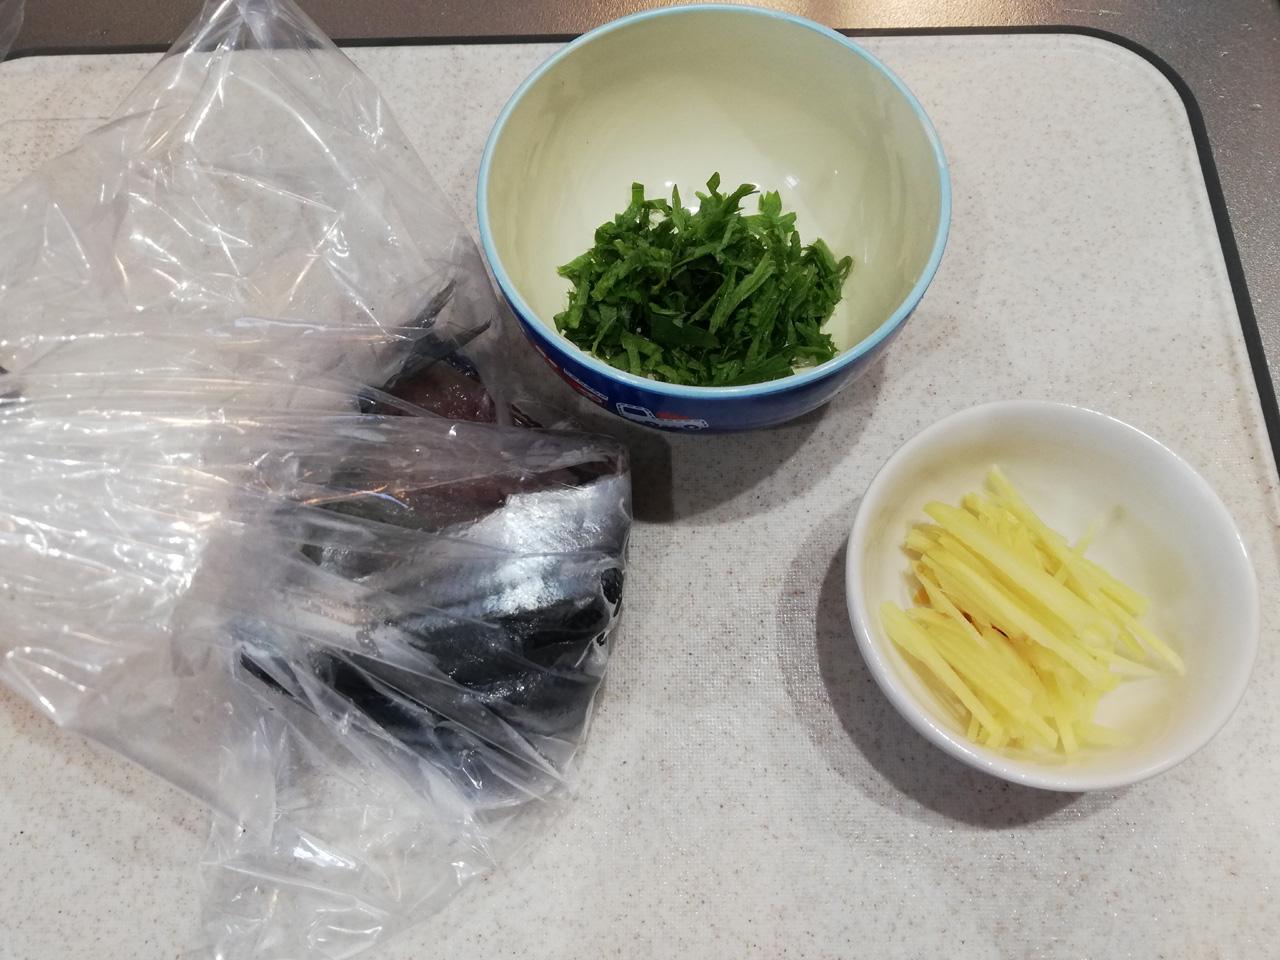 秋刀魚の開きと紫蘇、針生姜